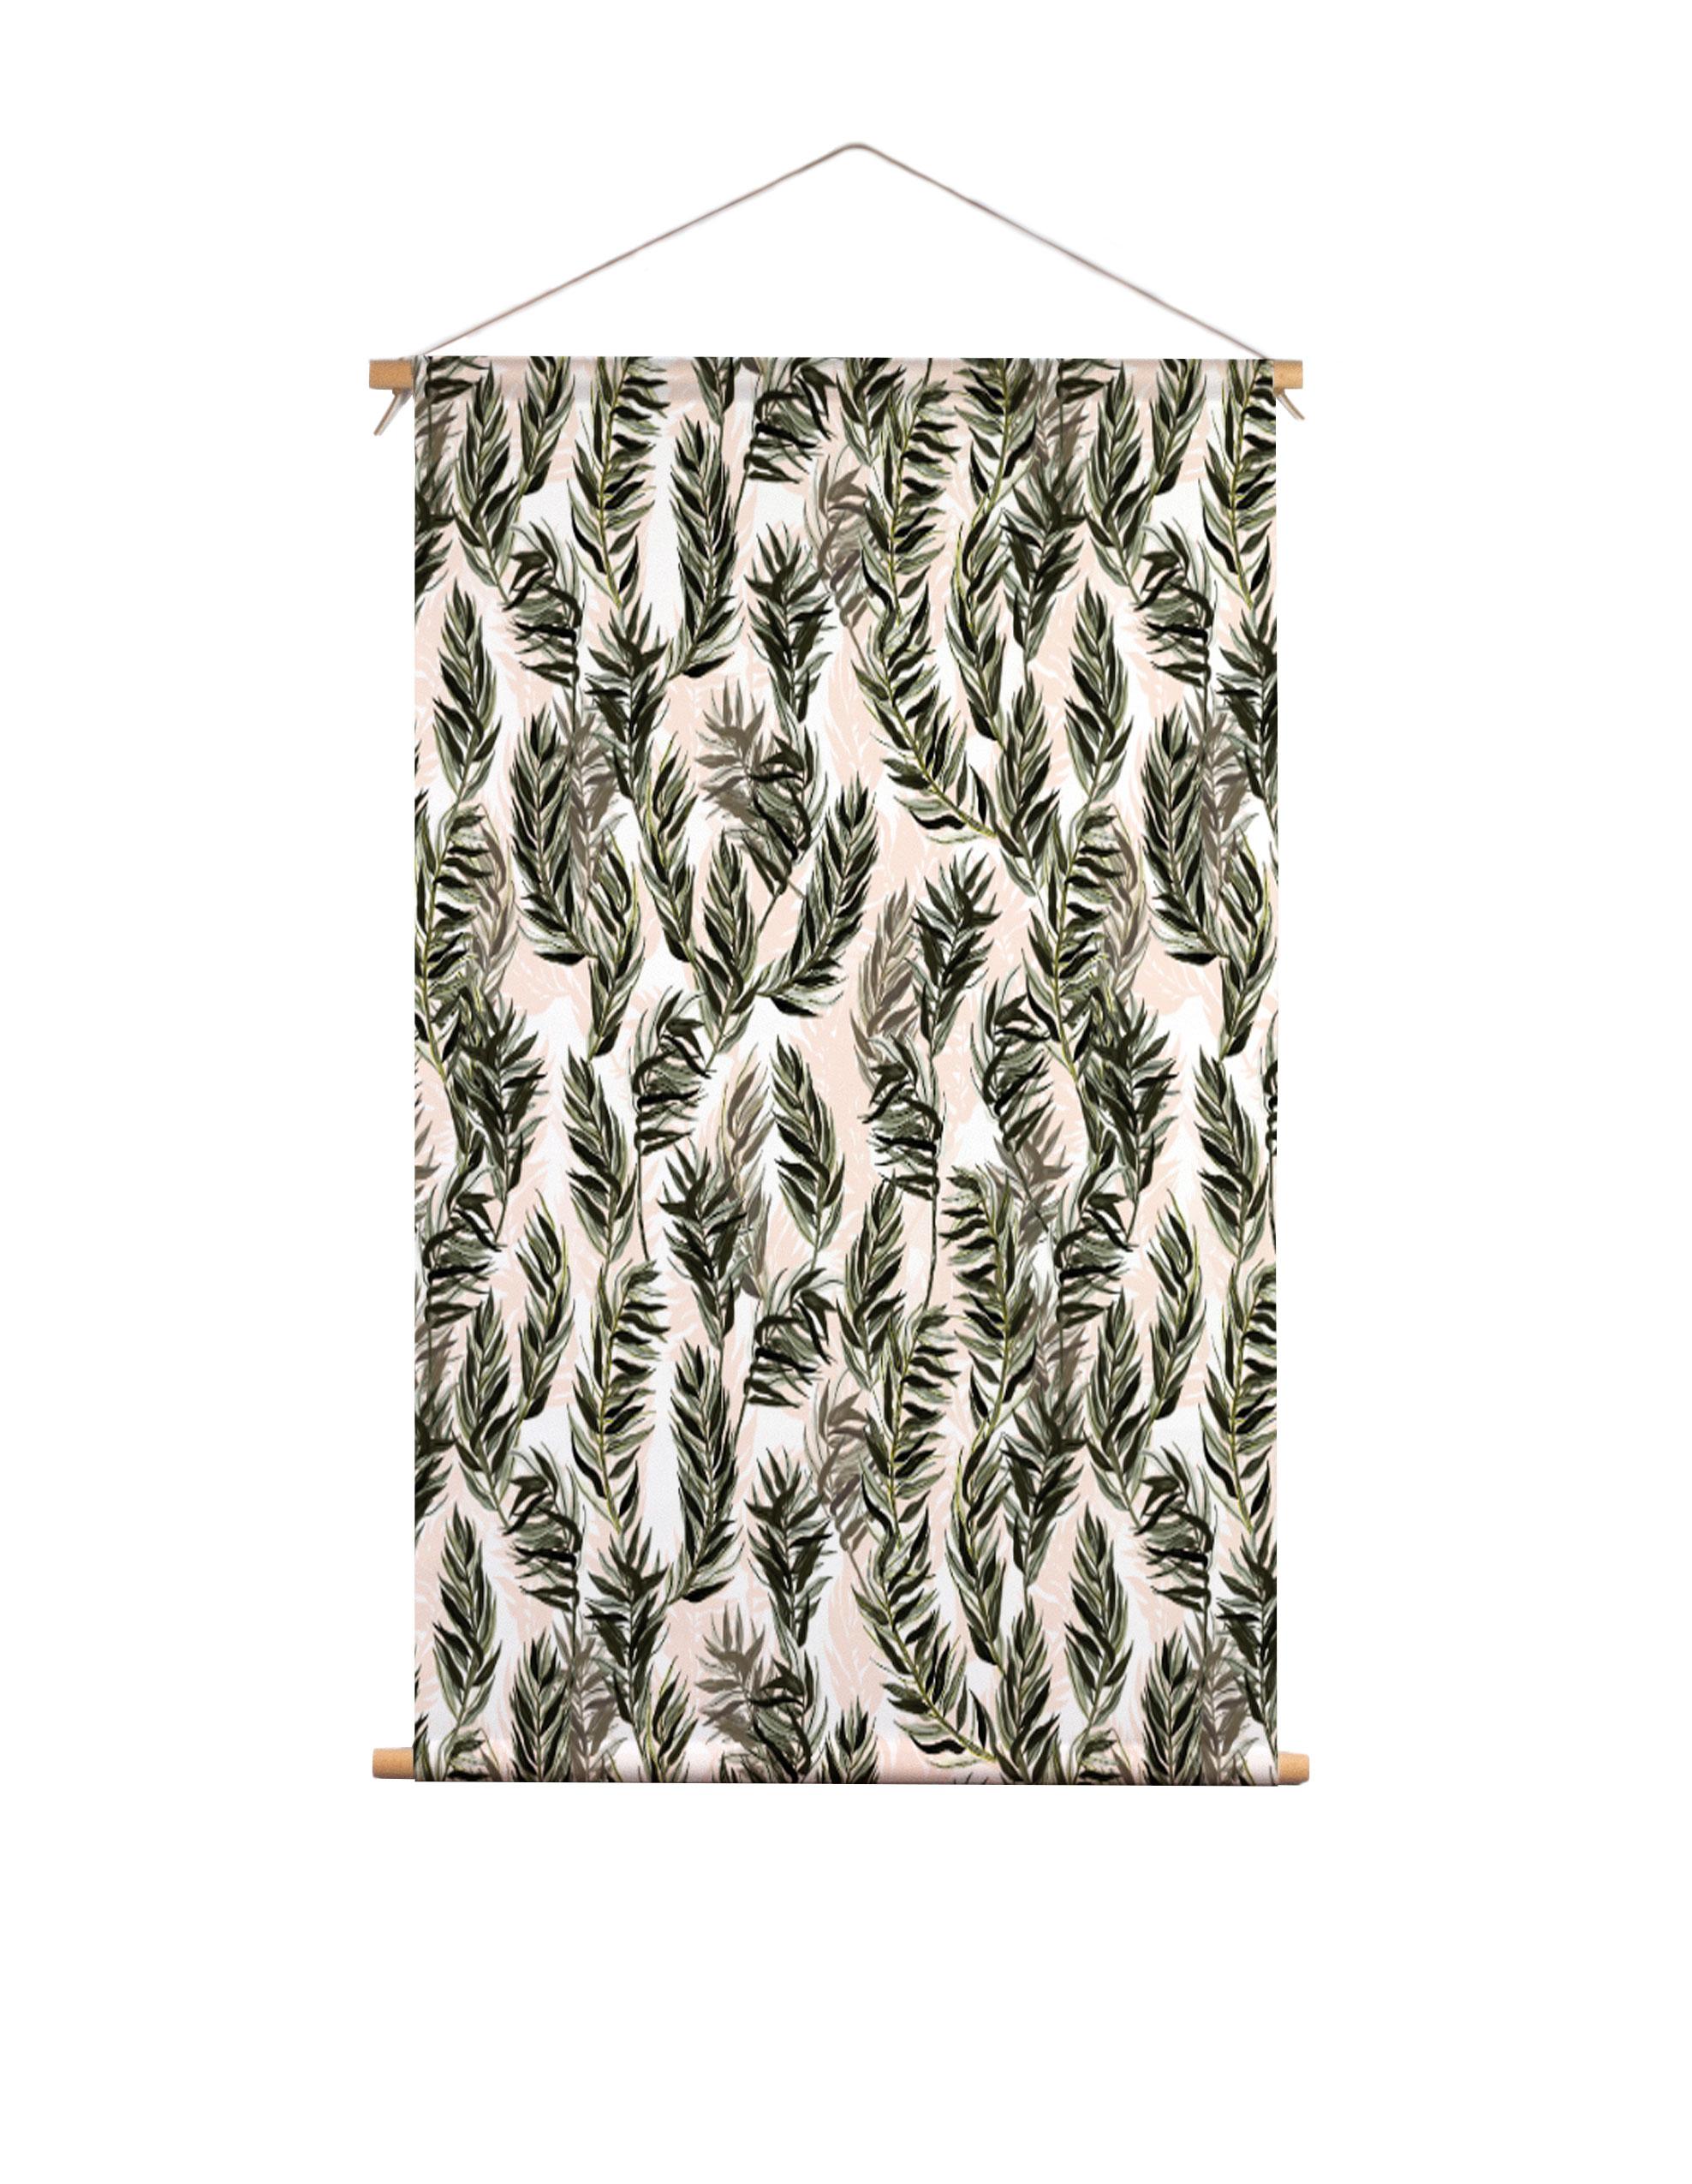 Textielposter-riet-Veronique-de-Jong